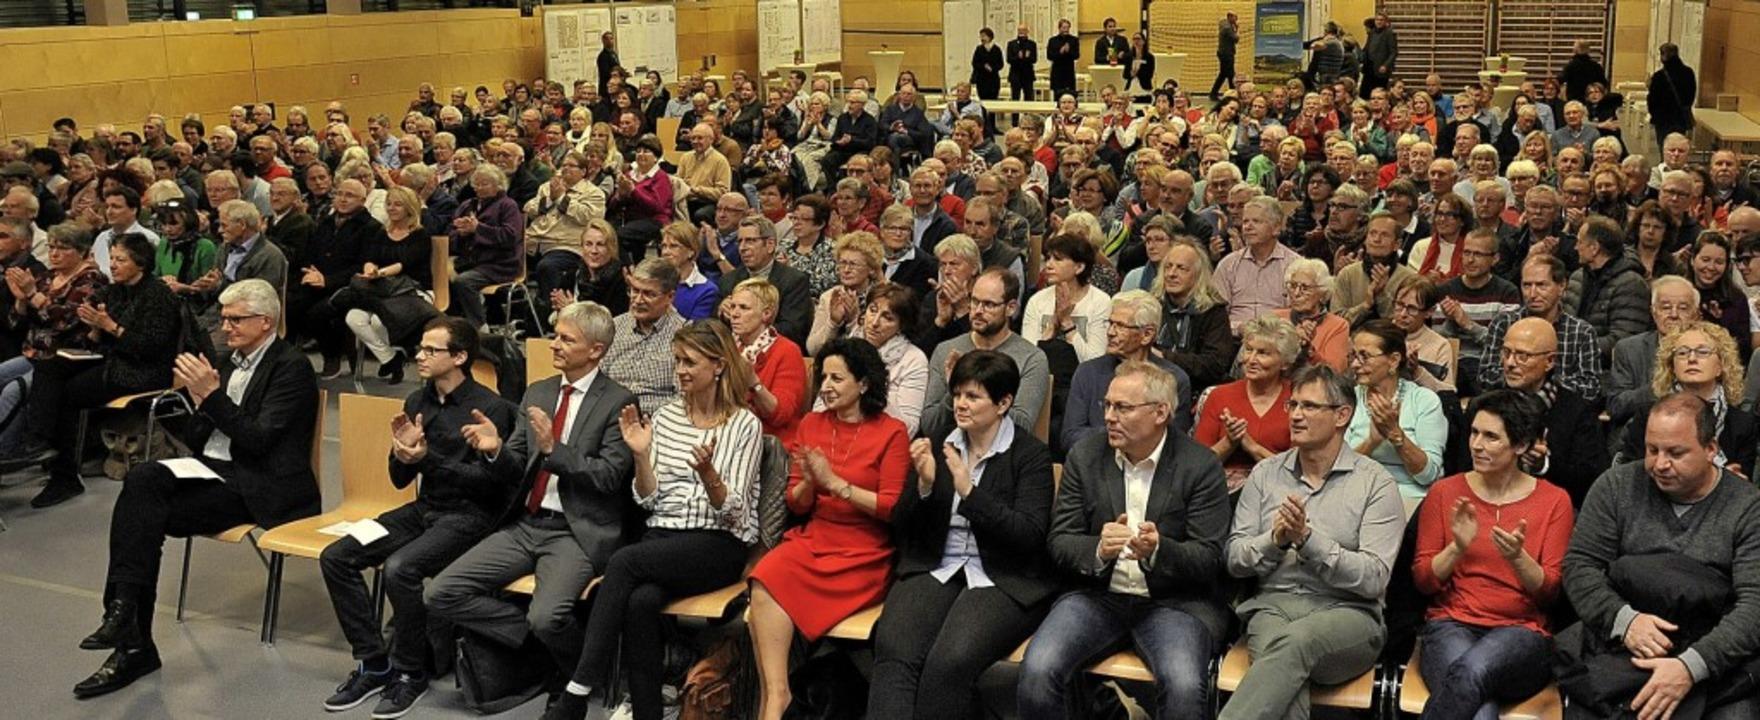 Viel Applaus in der Belchenhalle für d...chael Kübler und Bürgermeister Benitz   | Foto: Hans-Peter Müller